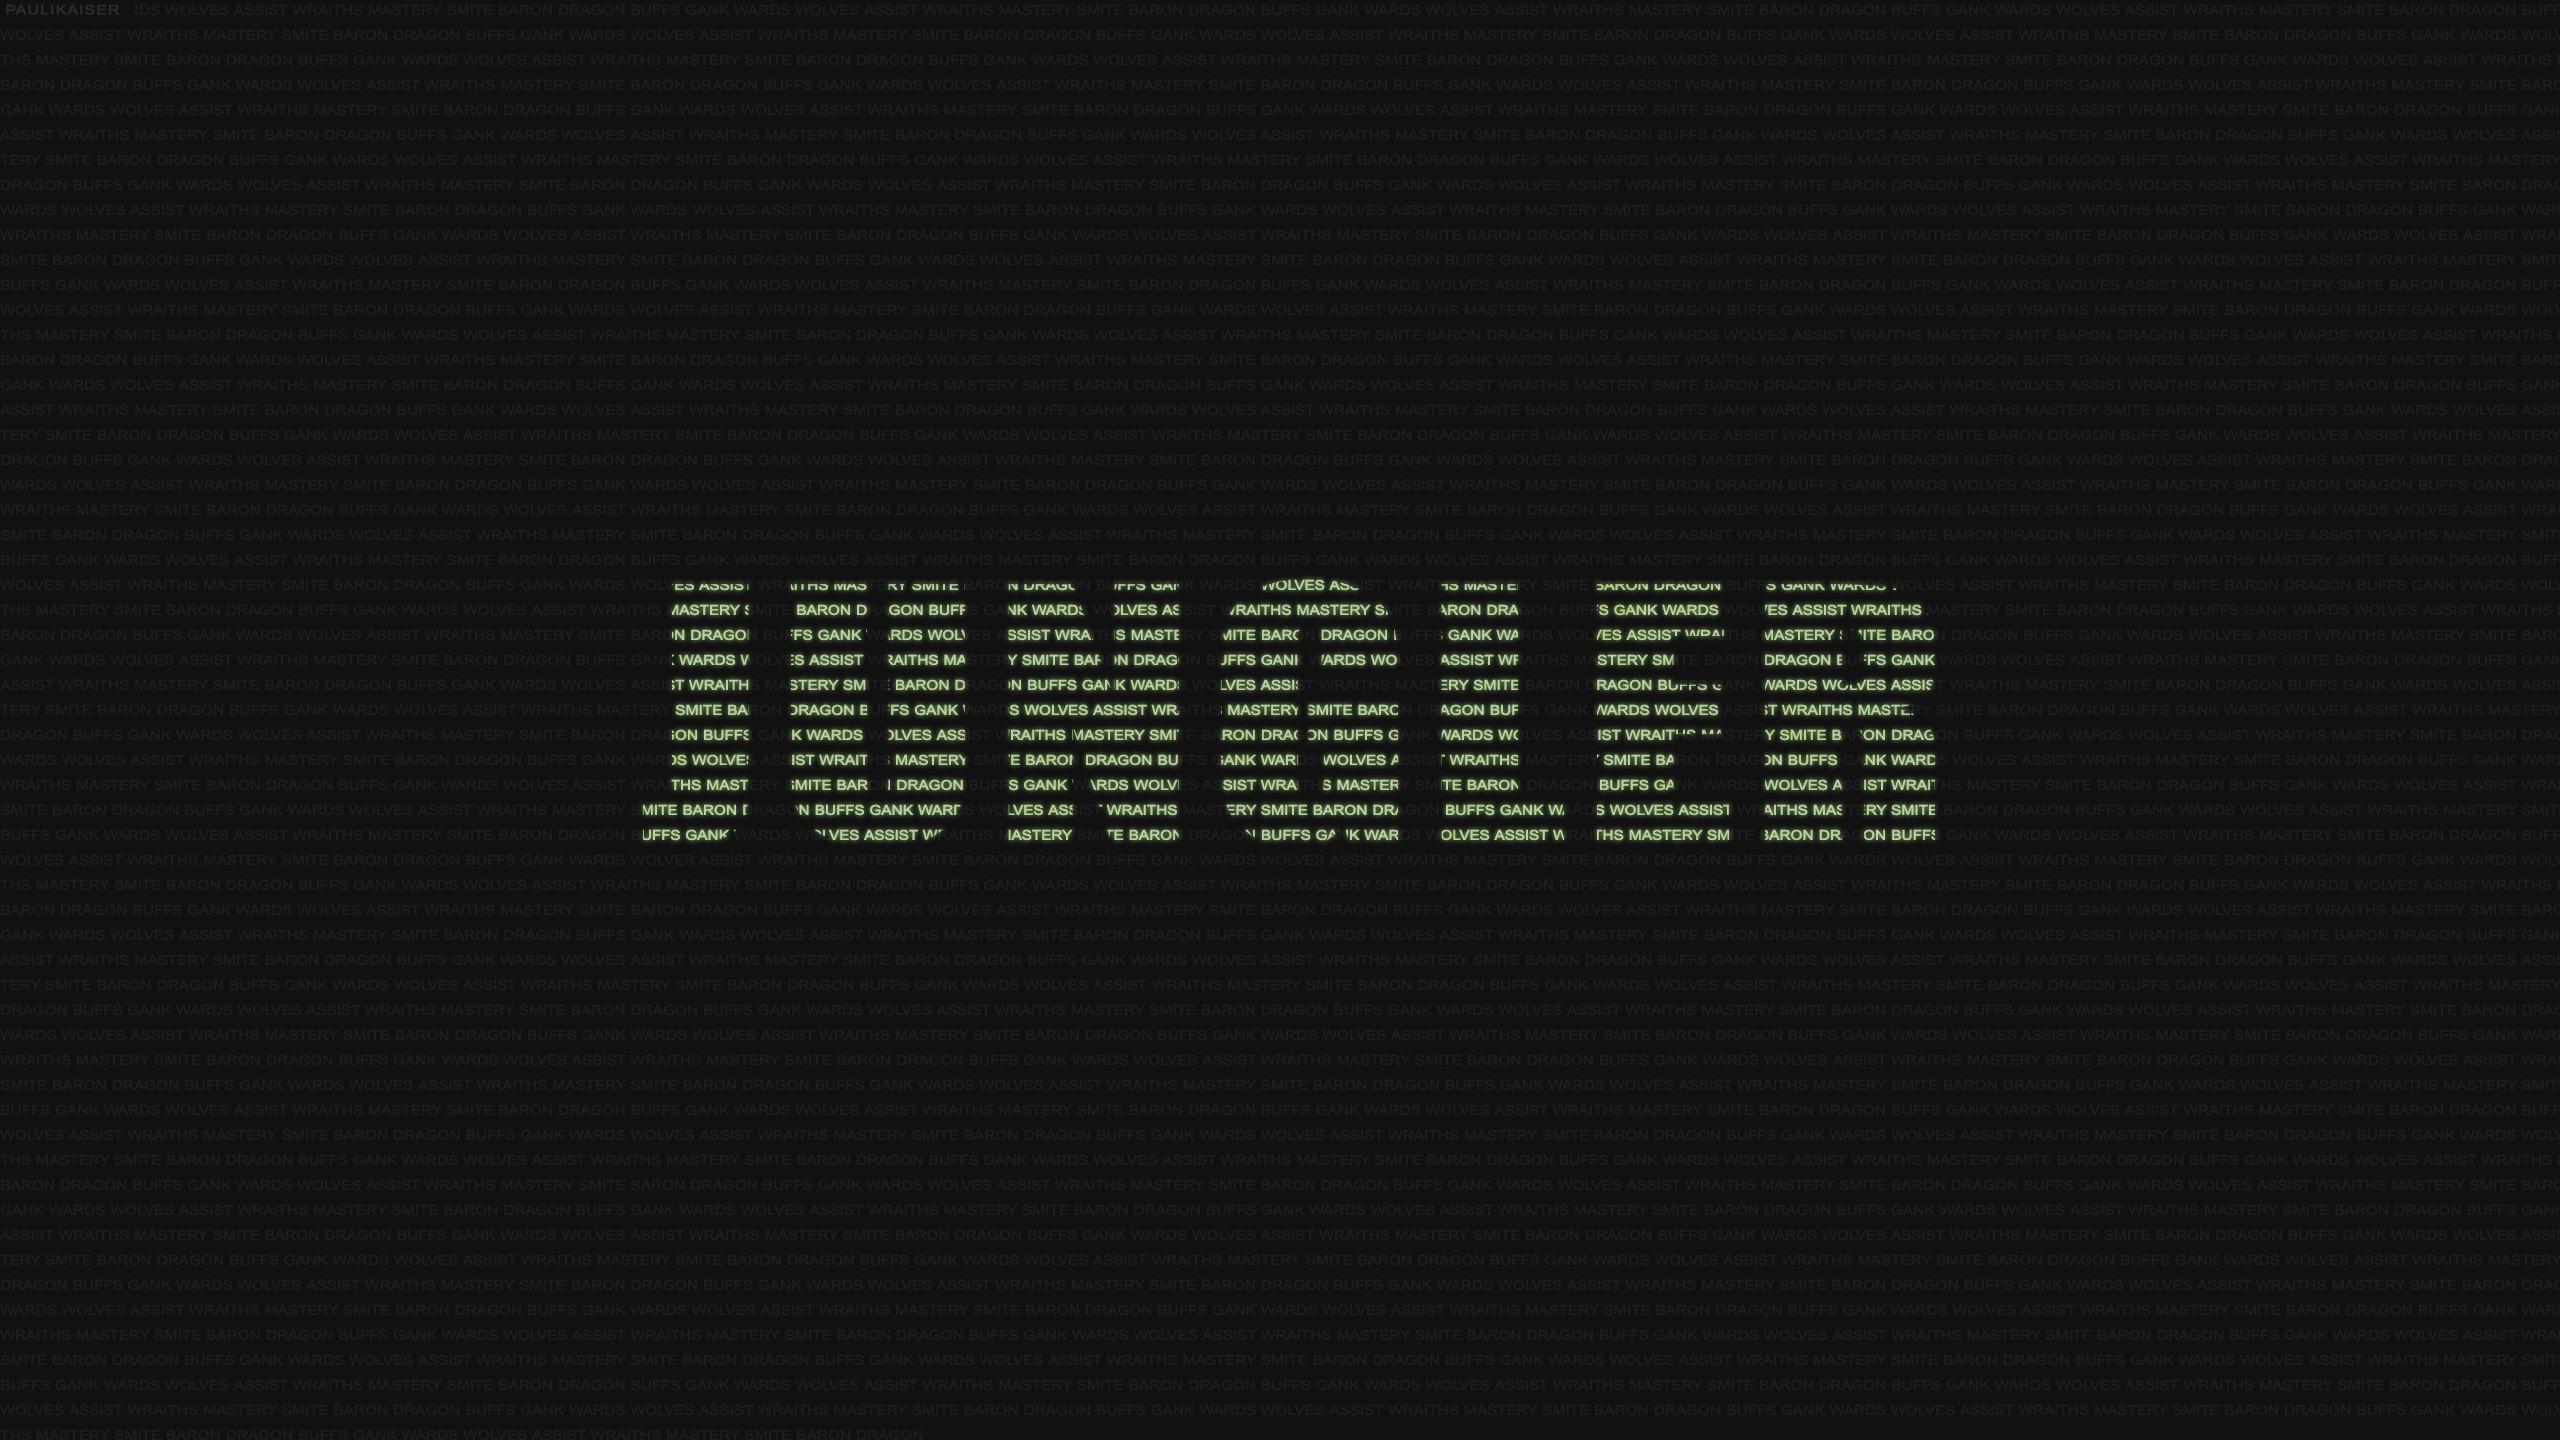 Jungle by Paulikaiser HD Wallpaper Fan Art Artwork League of Legends lol